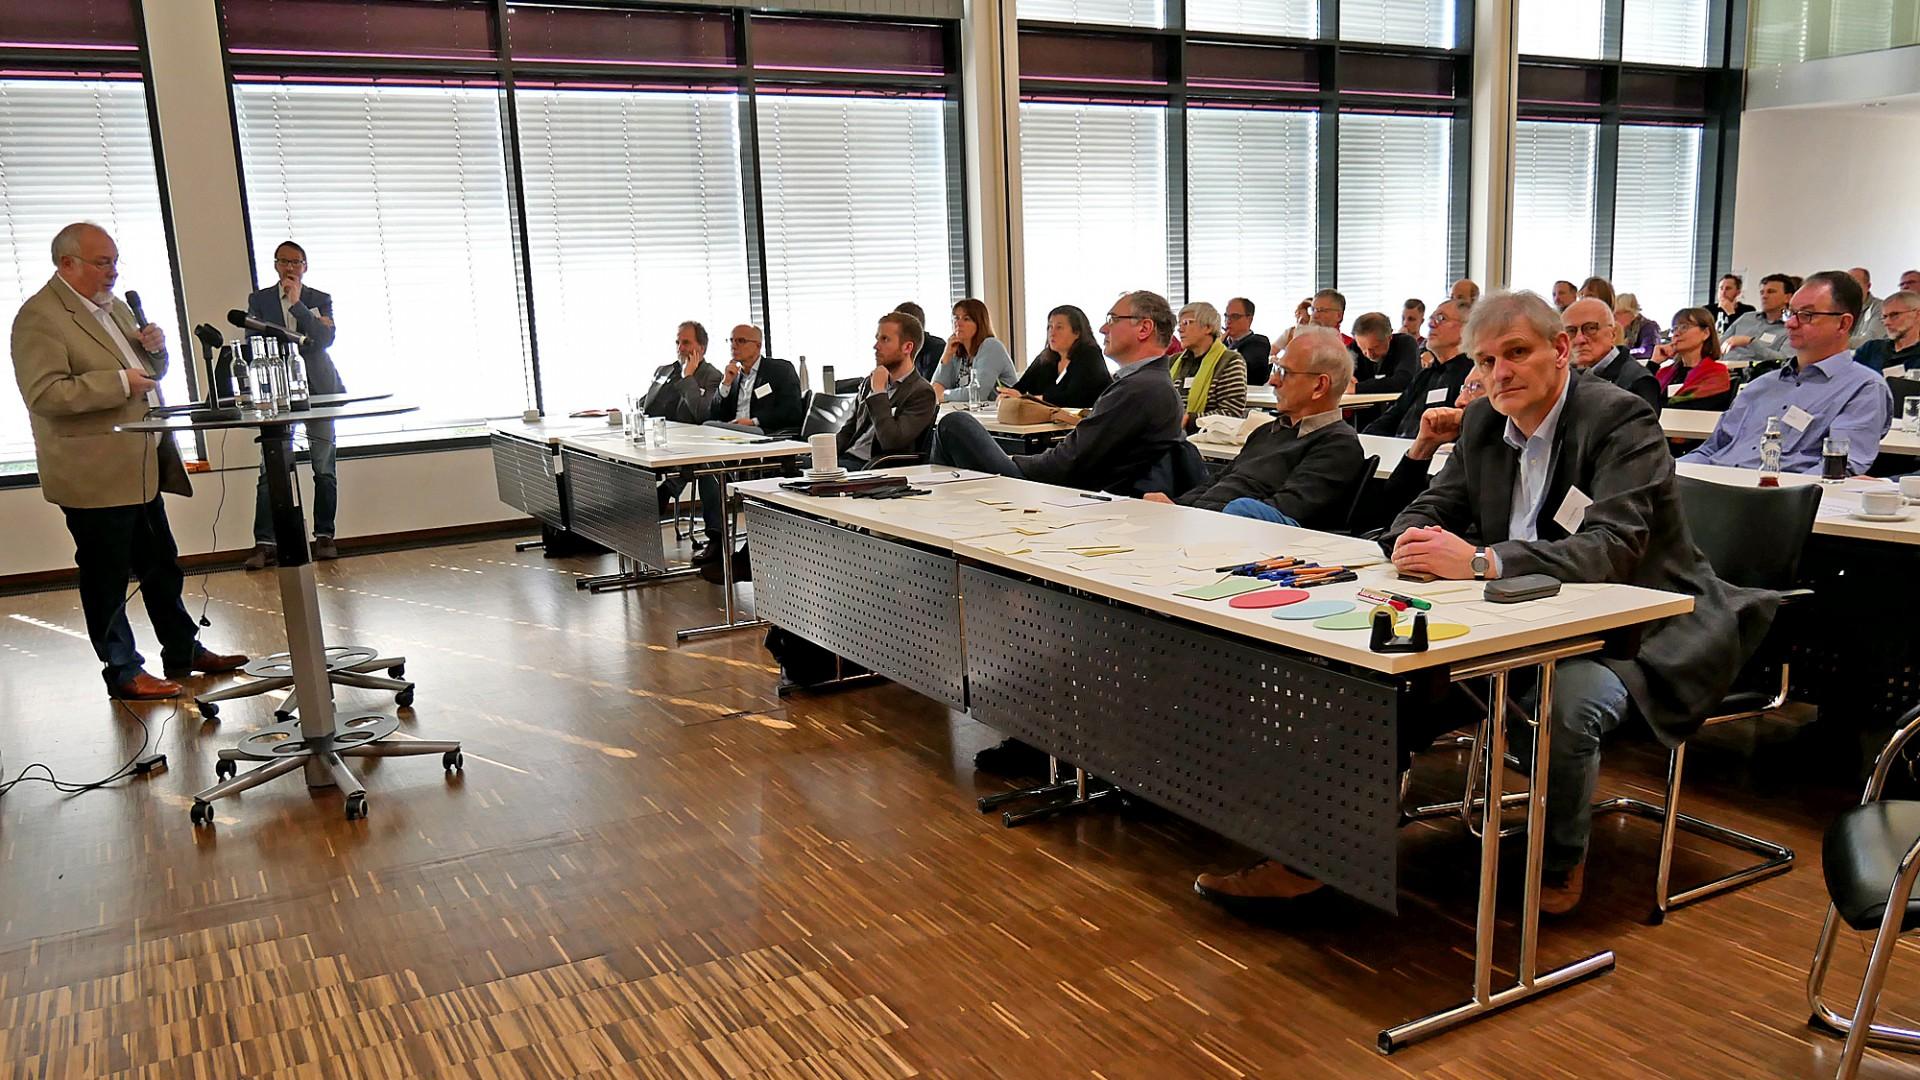 """Landrat Makiolla (vorne r. am Tisch) eröffnete die Klimakonferenz und nahm am Workshop """"Mobilität"""" teil. (Foto: Max Rolke - Kreis Unna)"""